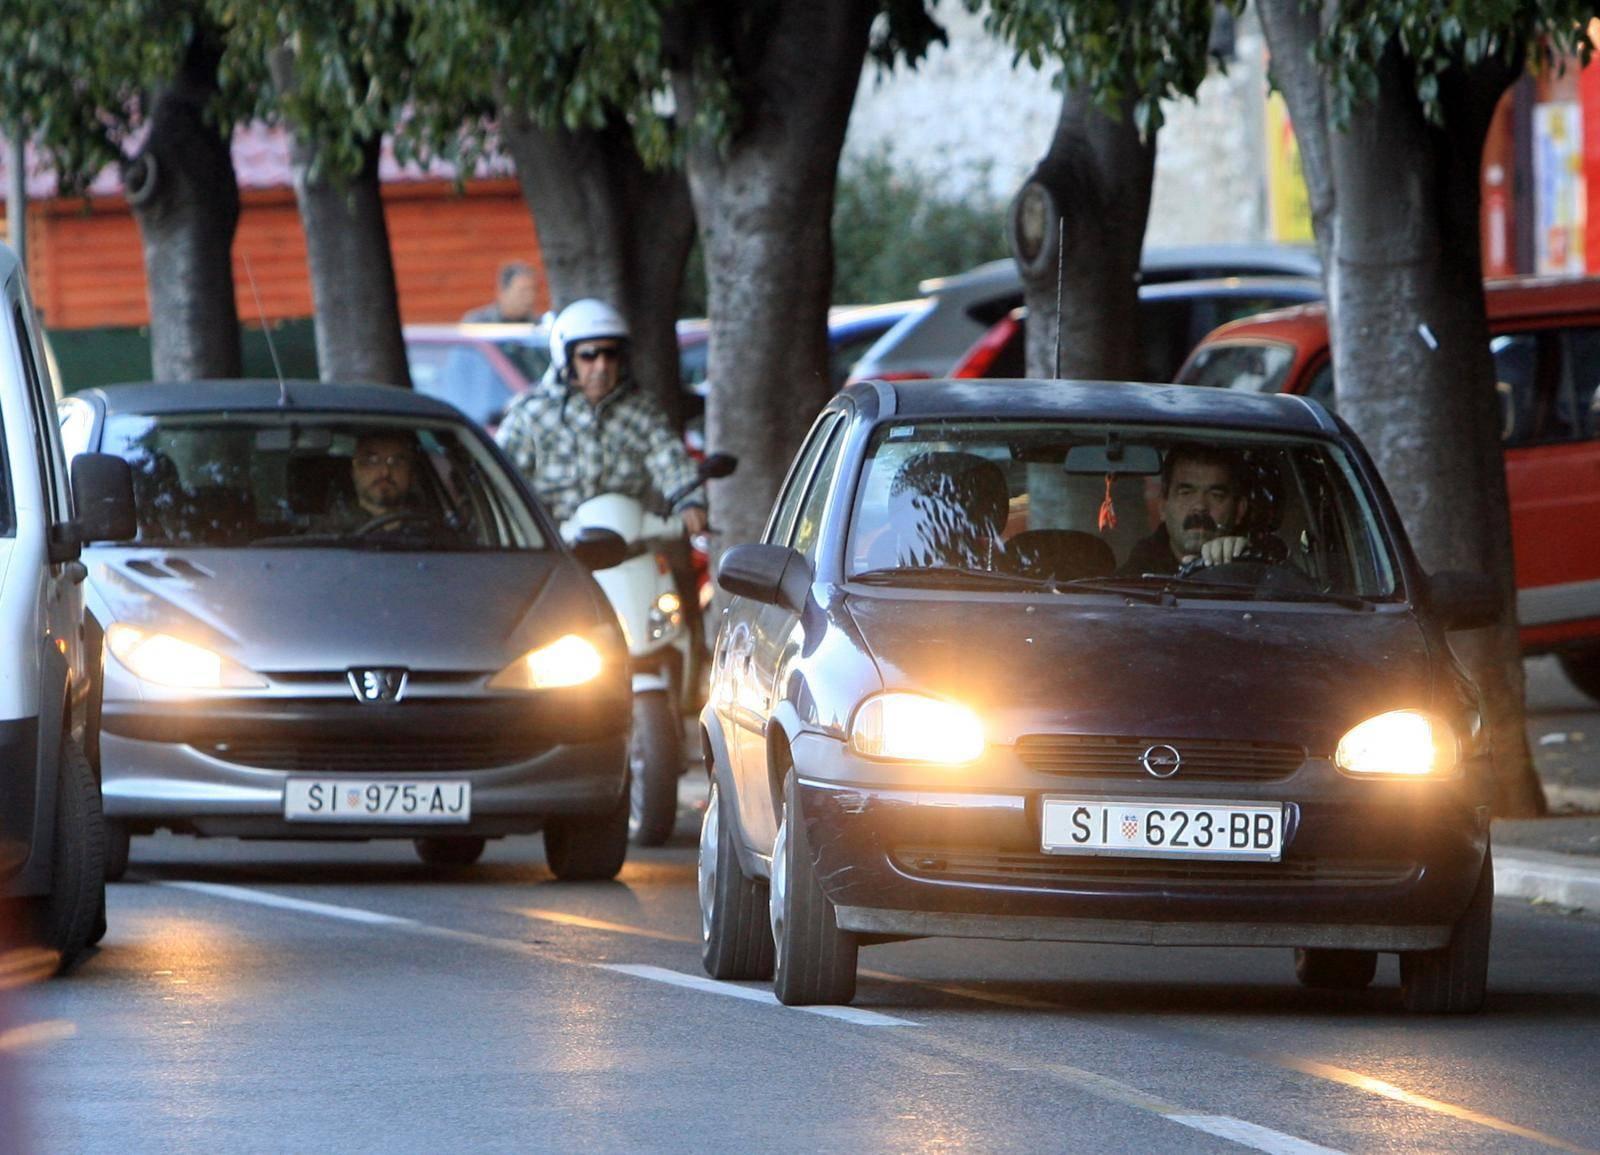 Vozači, oprez: Svjetla više ne palimo sa zimskim vremenom